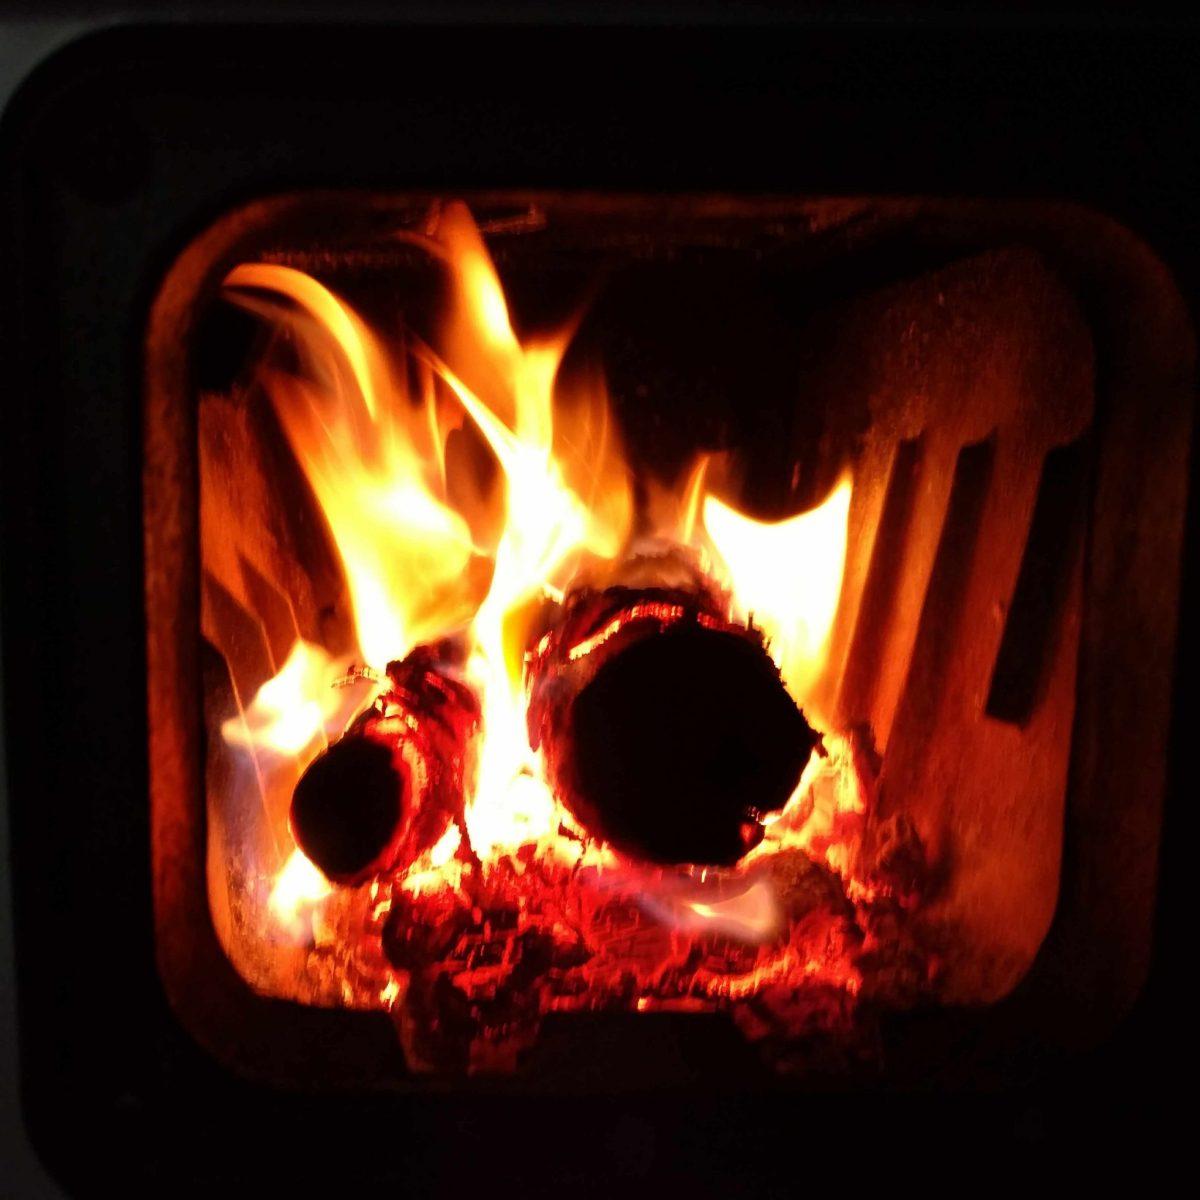 Mijn_eigen_vuurtje